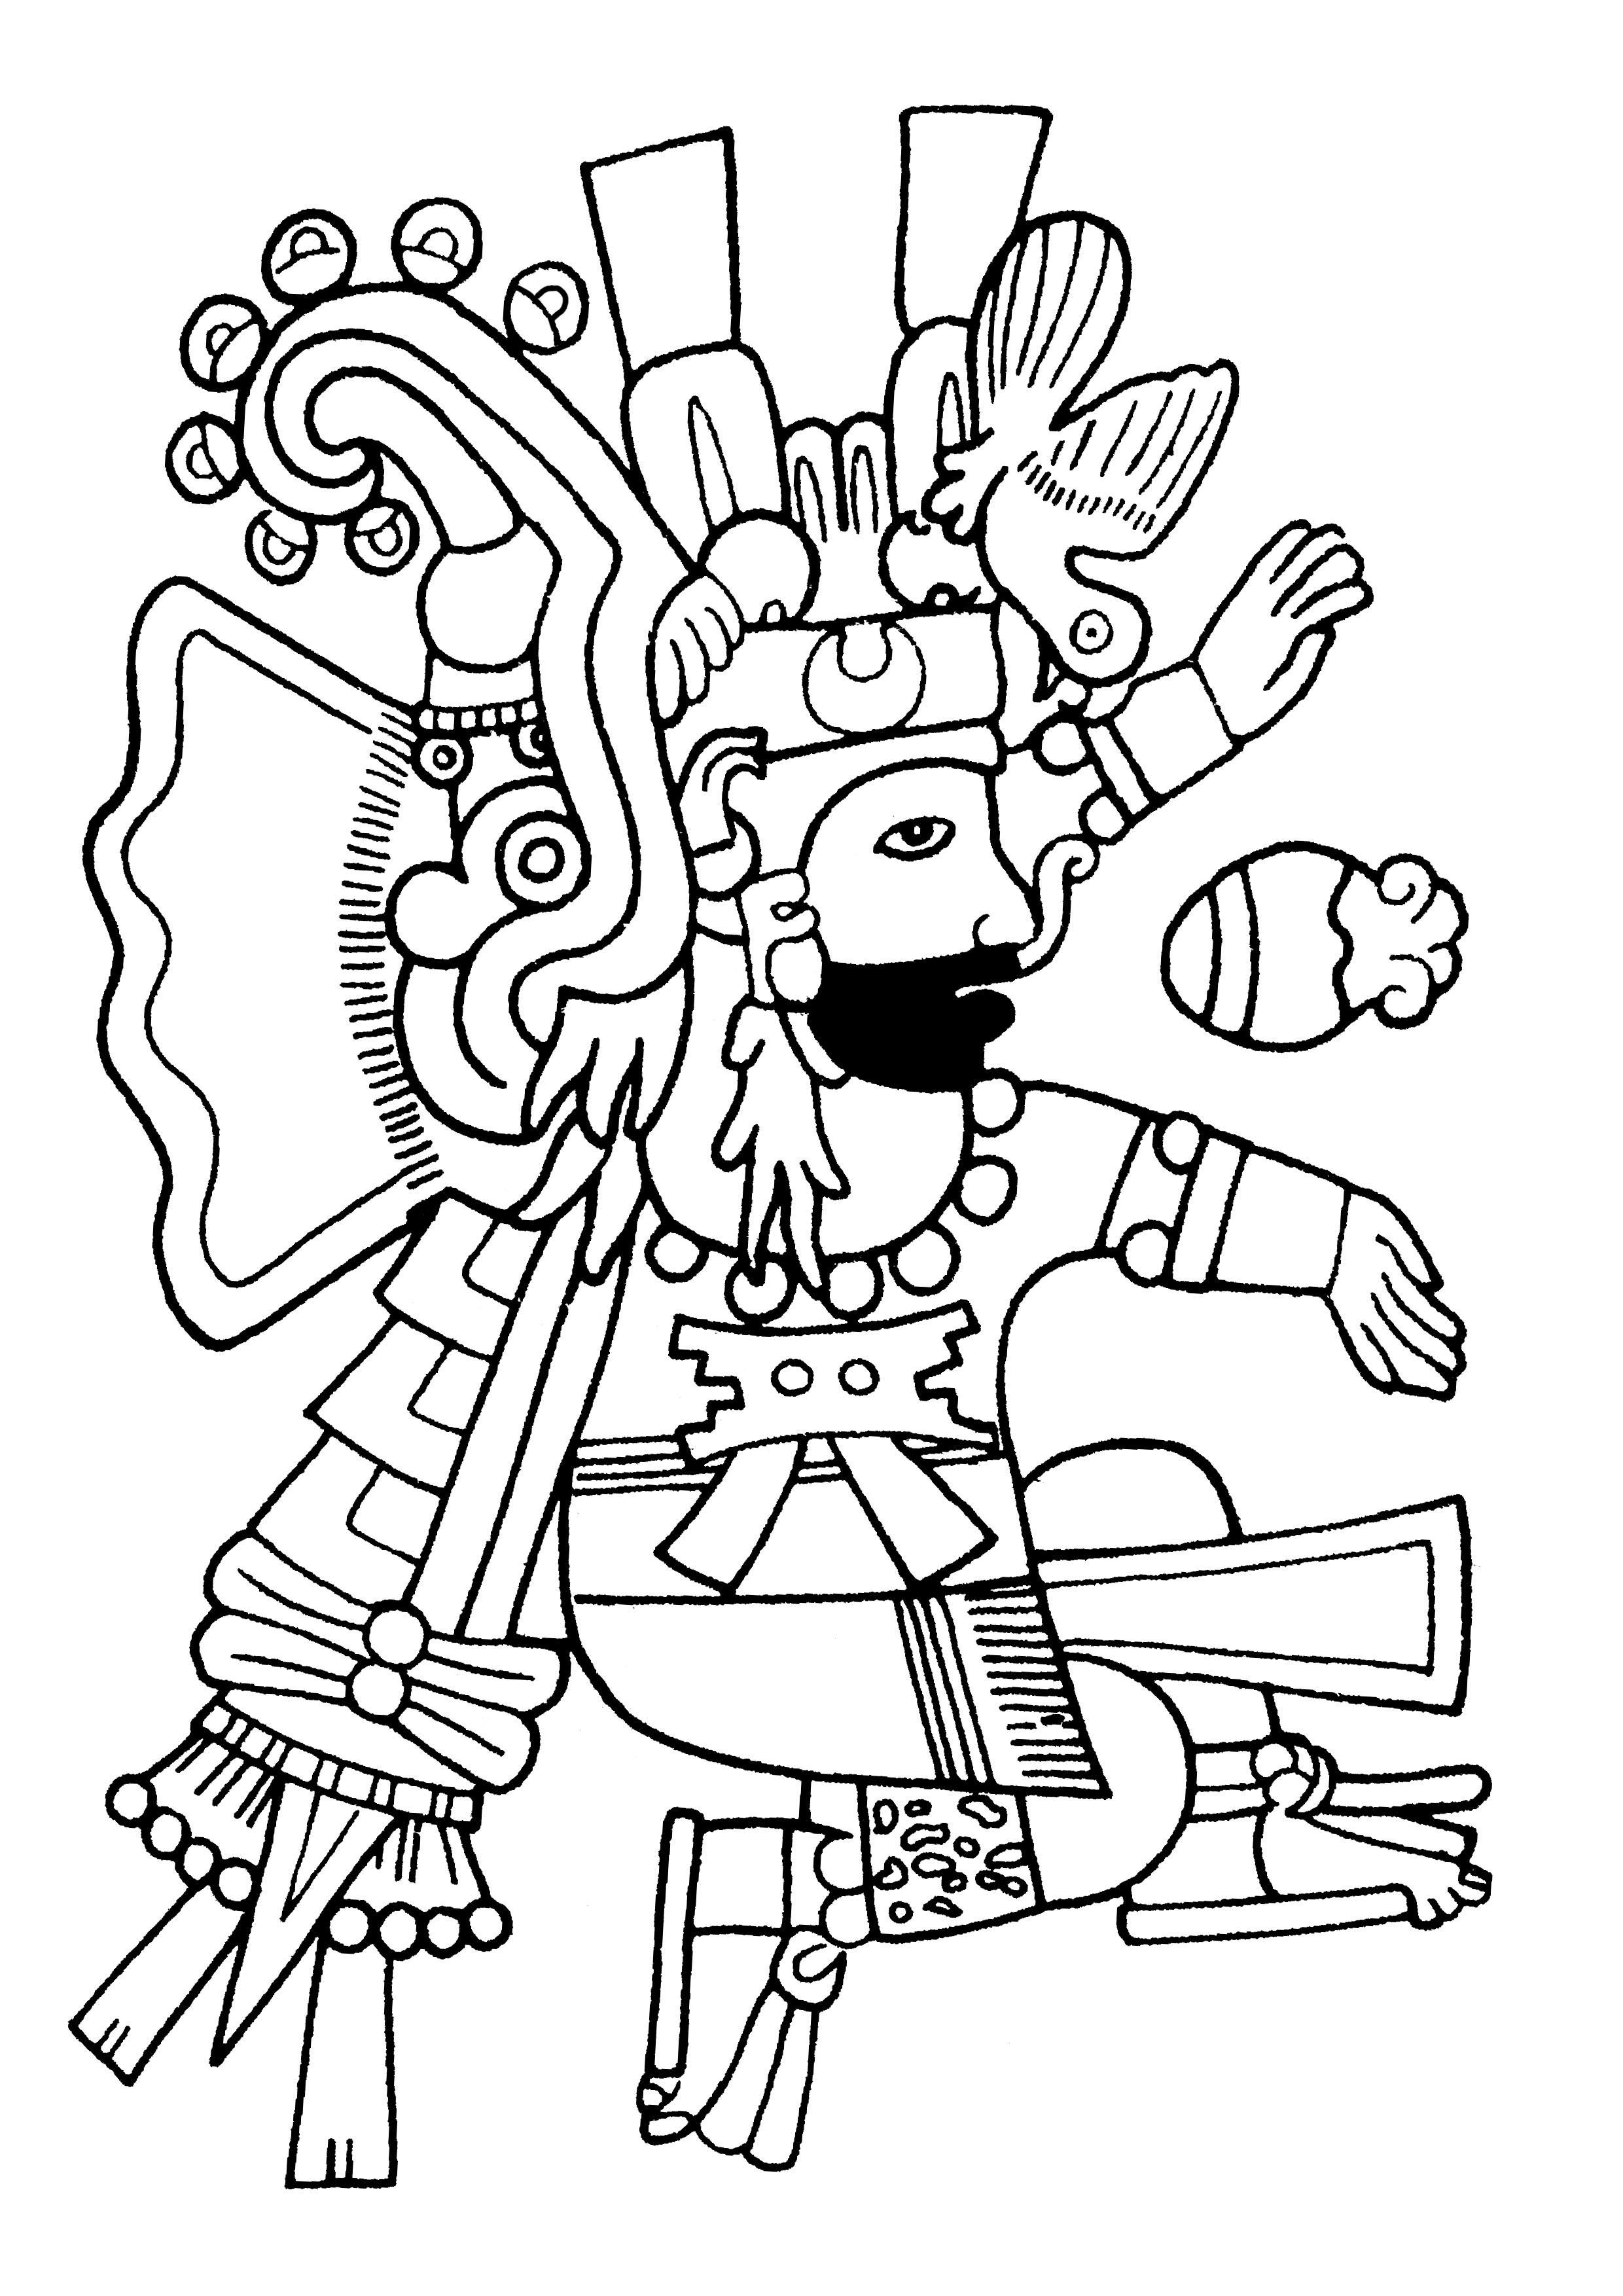 Disegni da colorare per adulti : Maya, Aztechi e Incas - 27